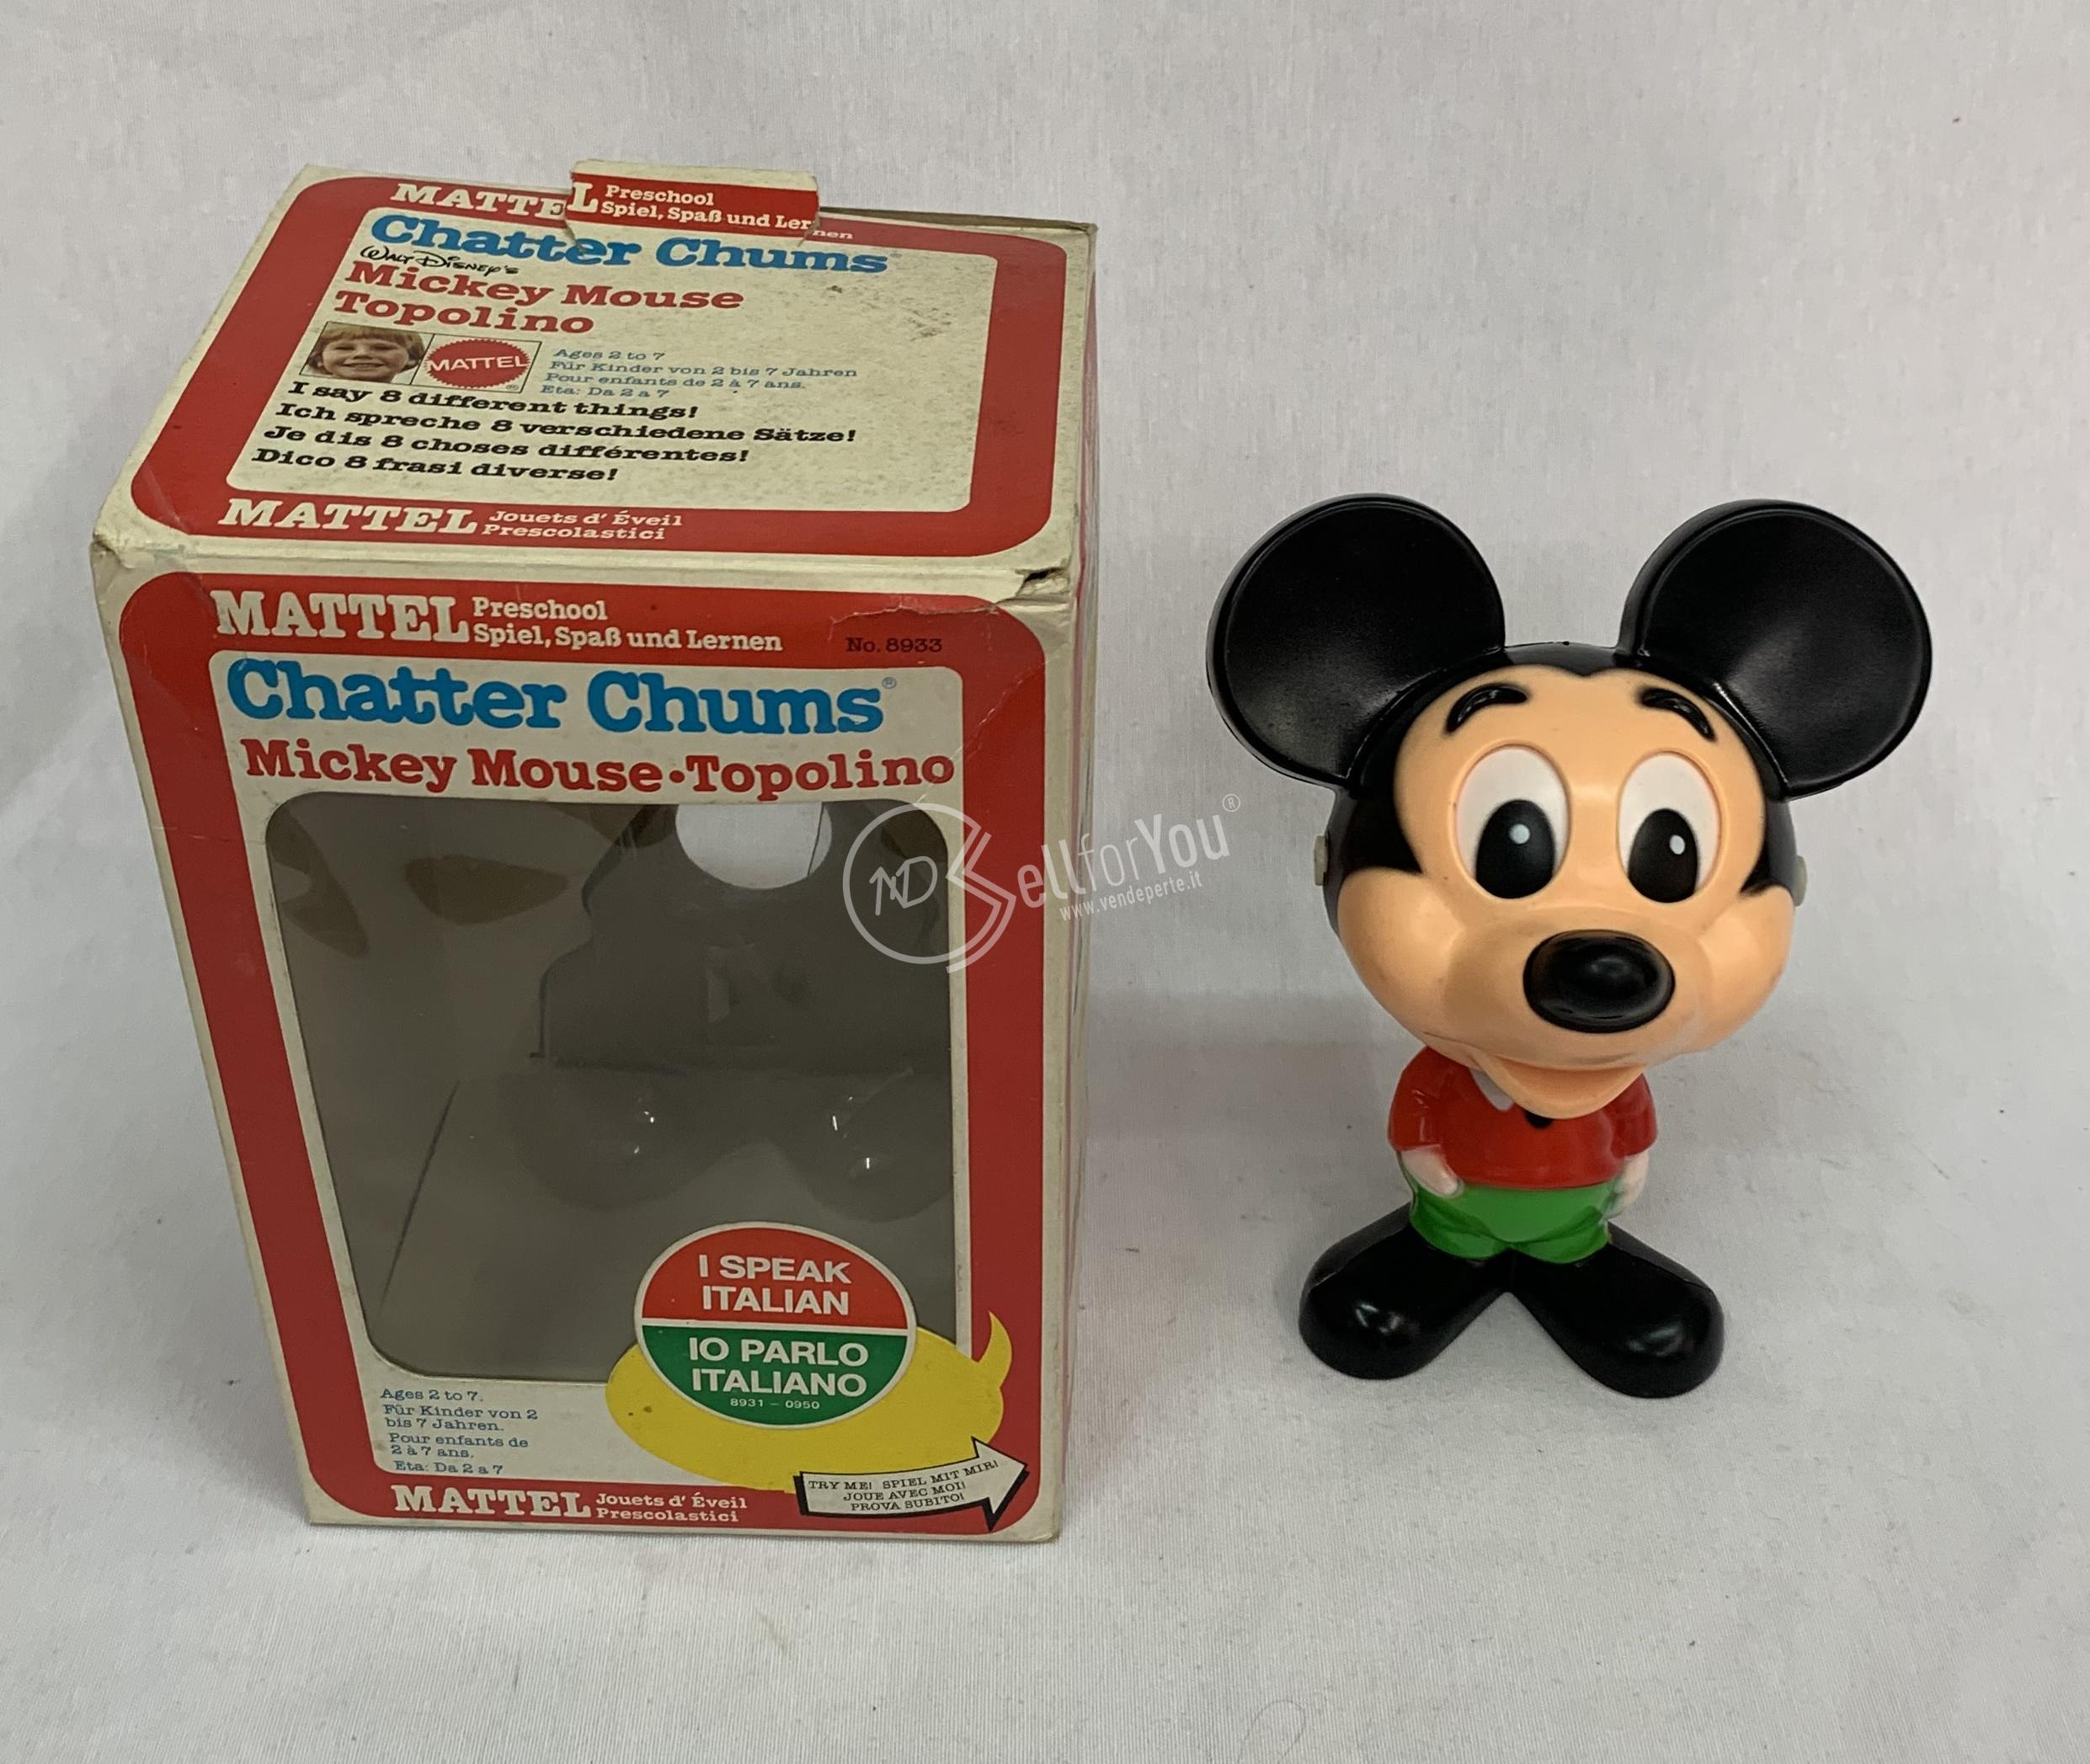 sellforyou immagine default articolo correlato non trovatoMickey mouse Topolino vintage - Mattel 8933